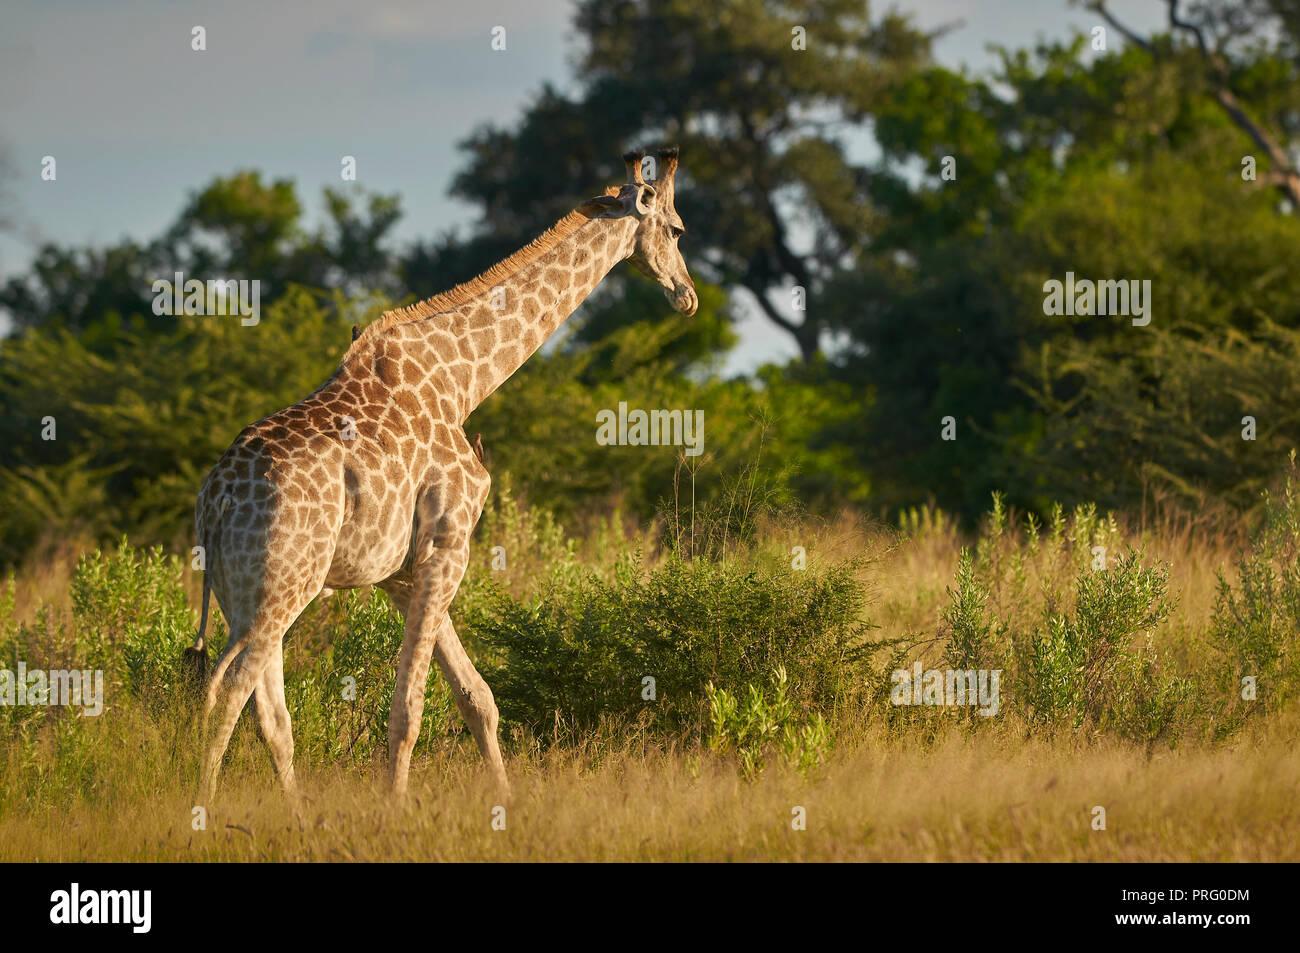 Mujeres jirafa camina hacia un límite de vegetación arbórea. Foto de stock